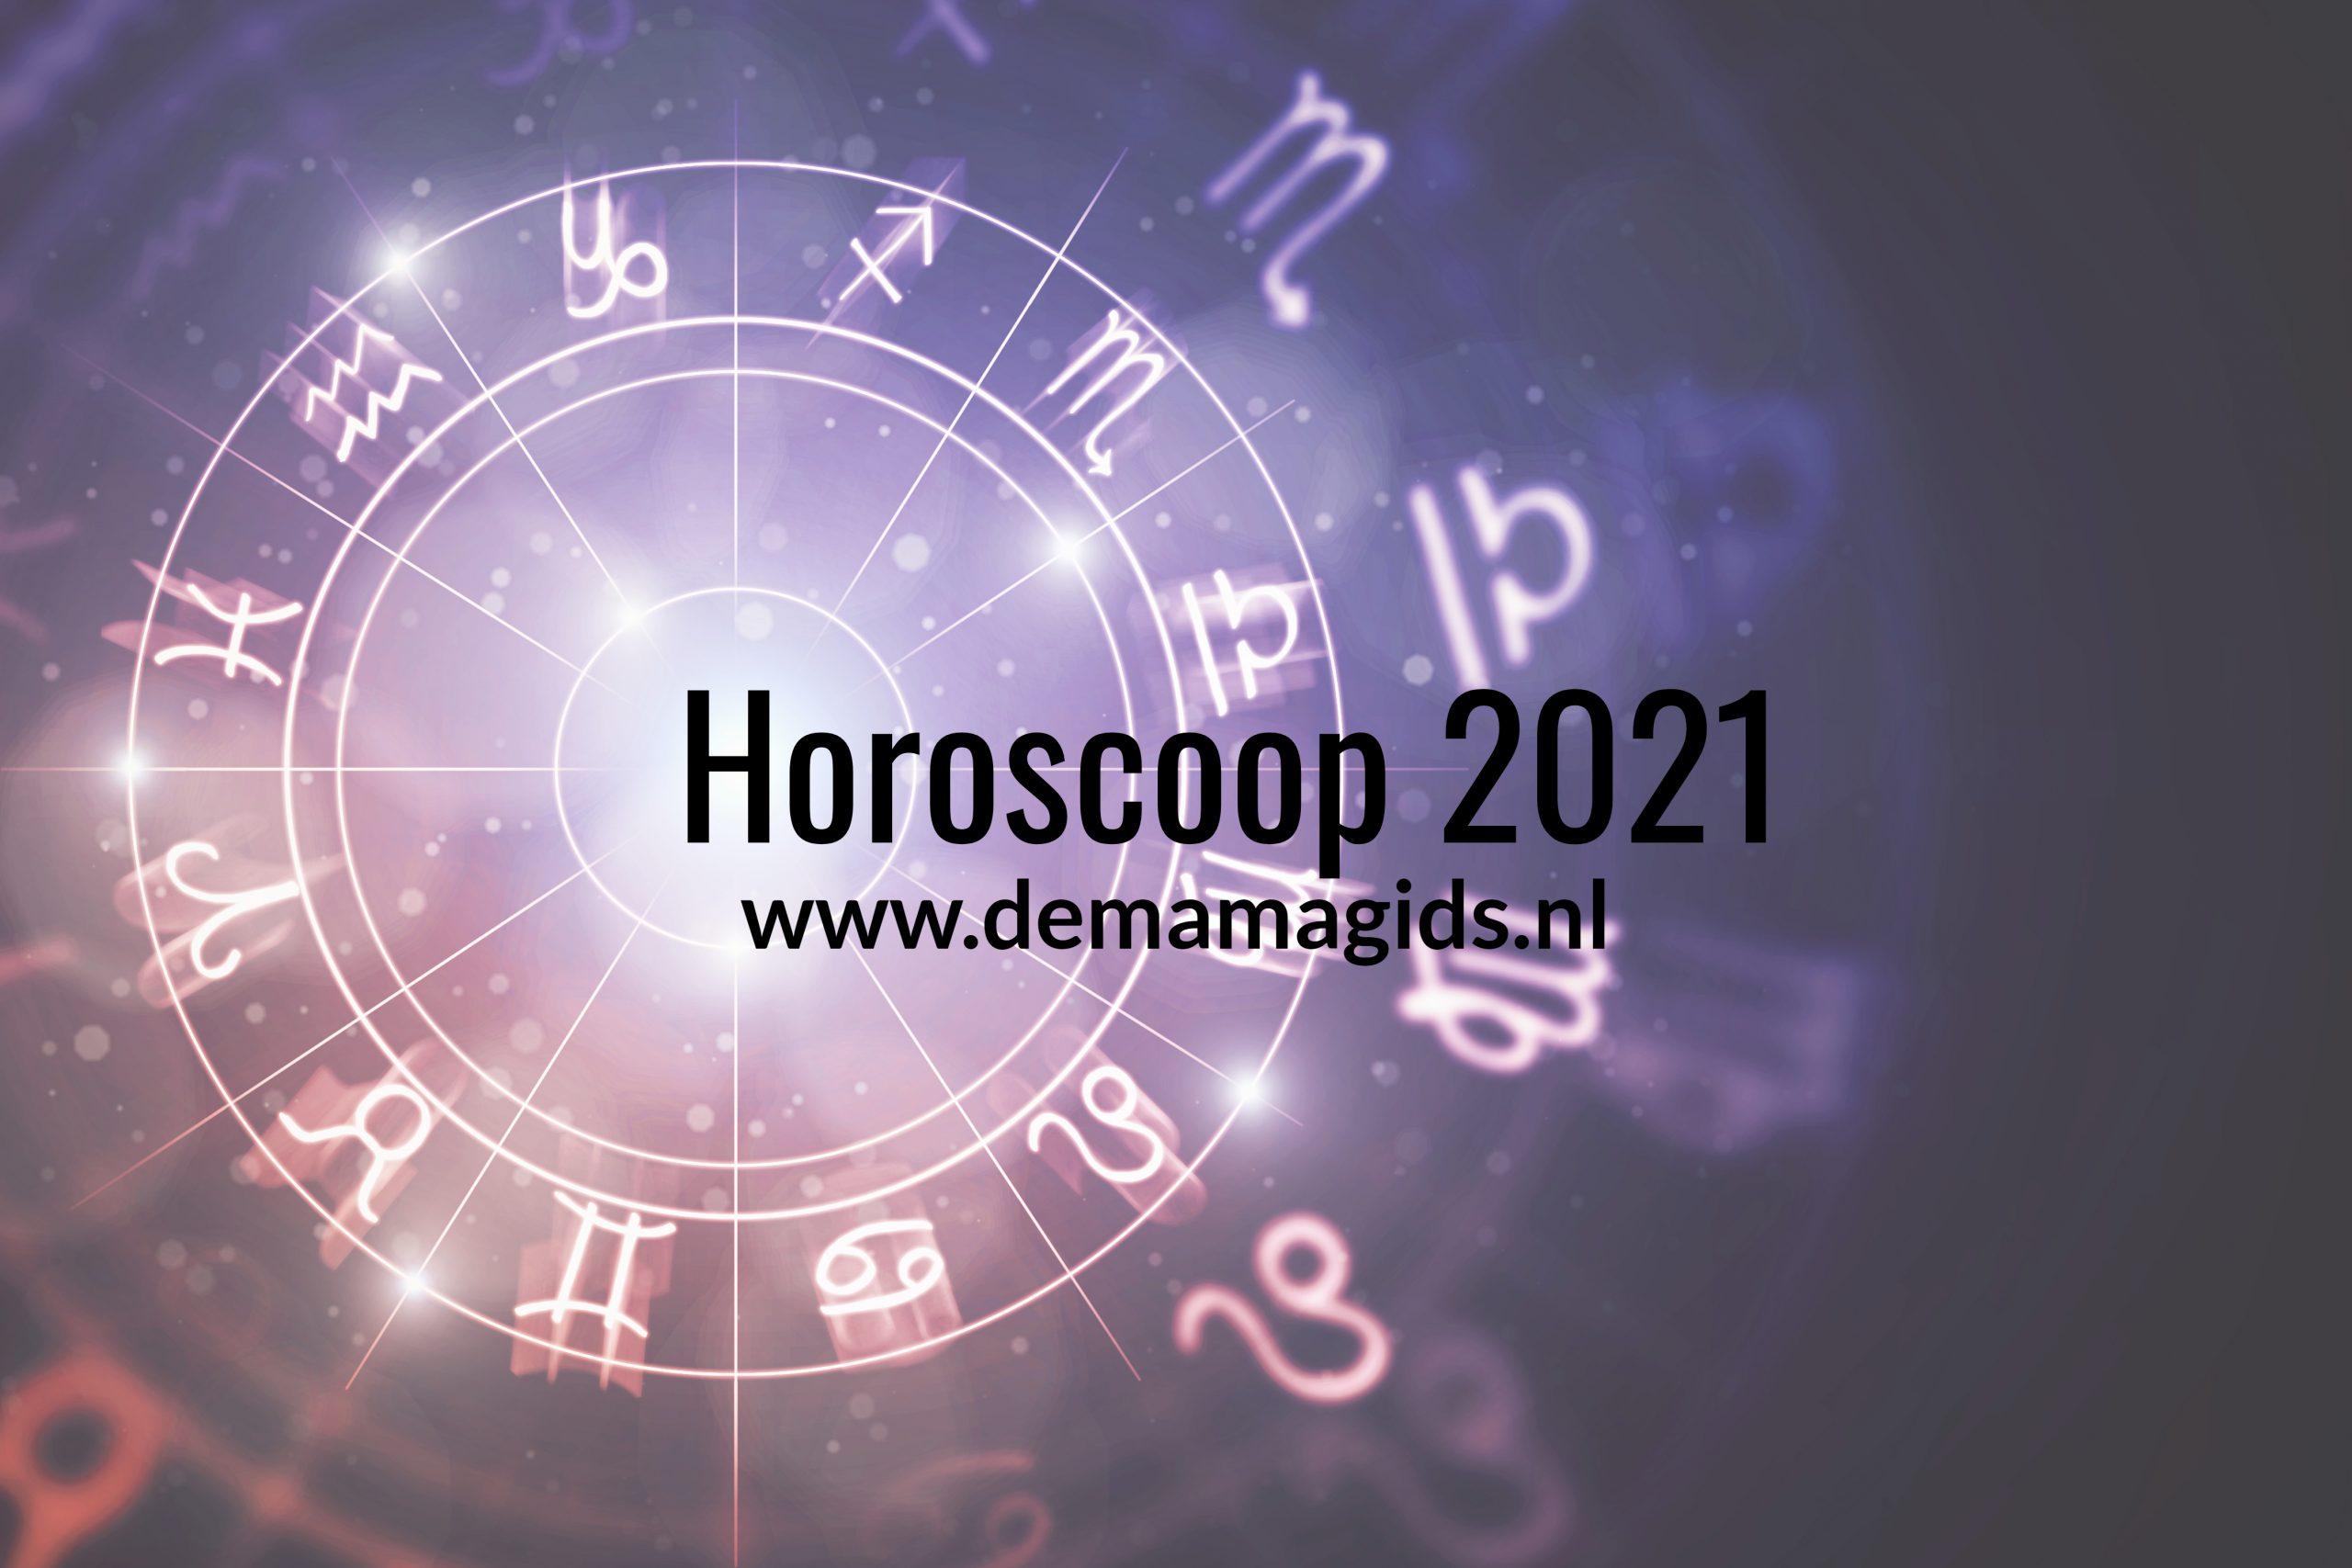 horoscoop maandhoroscoop oktober 2021 waterman vissen ram stier tweelingen kreeft leeuw maagd weegschaal schorpioen boogschutter steenbok